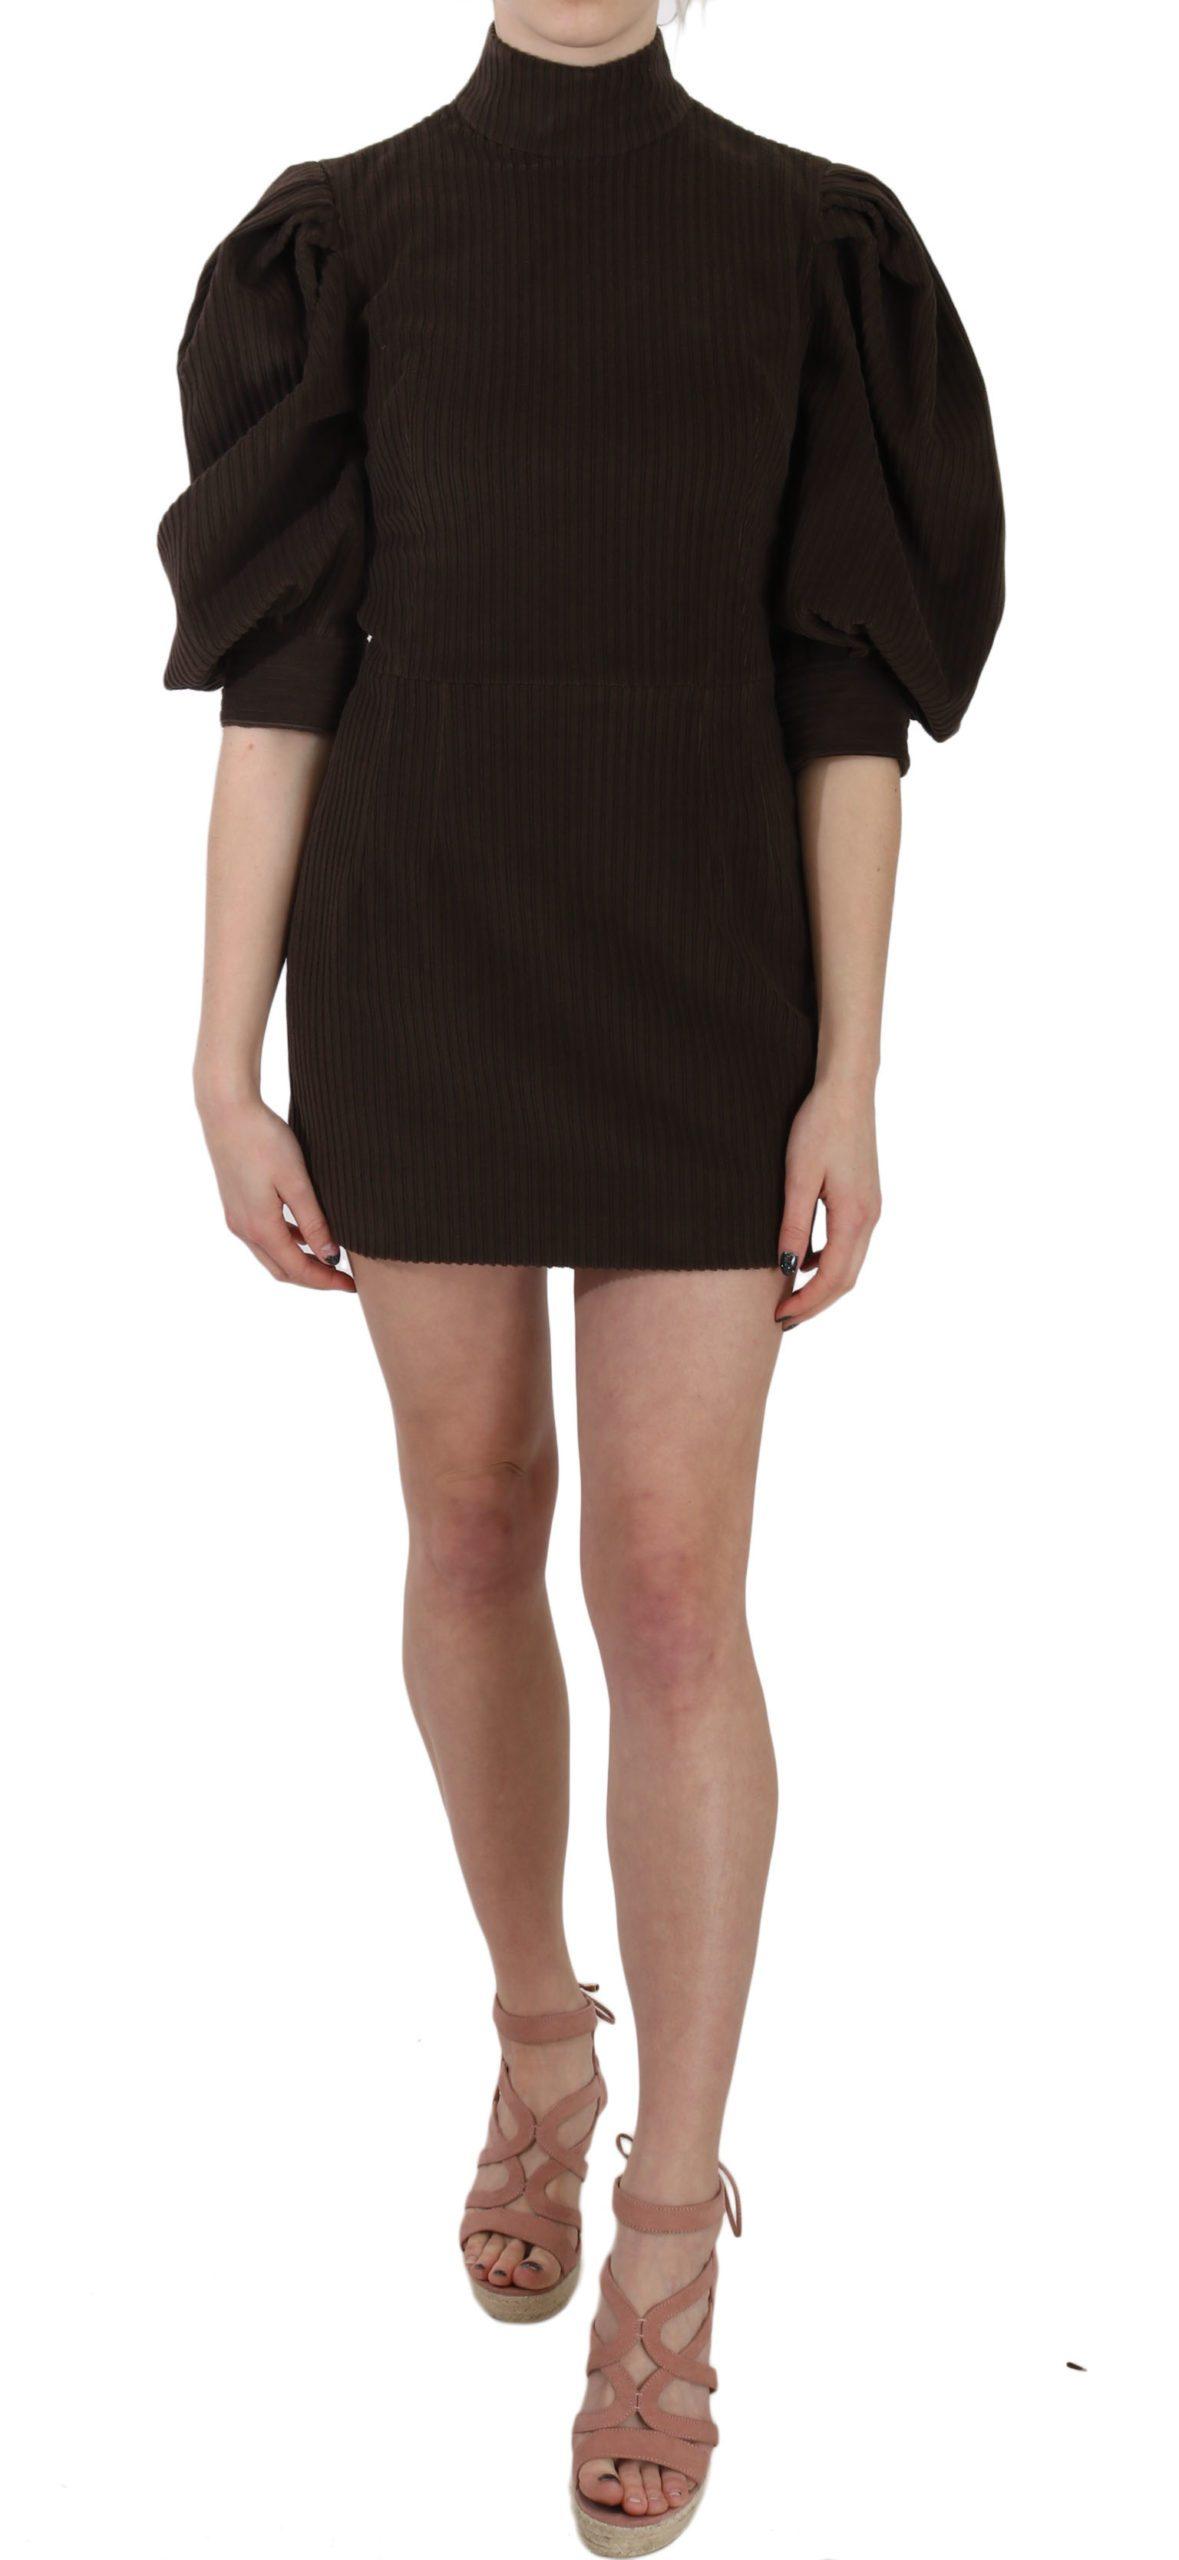 Dolce & Gabbana Women's Corduroy Bodycon Cotton Mini Dress Brown TSH3257 - IT40|S